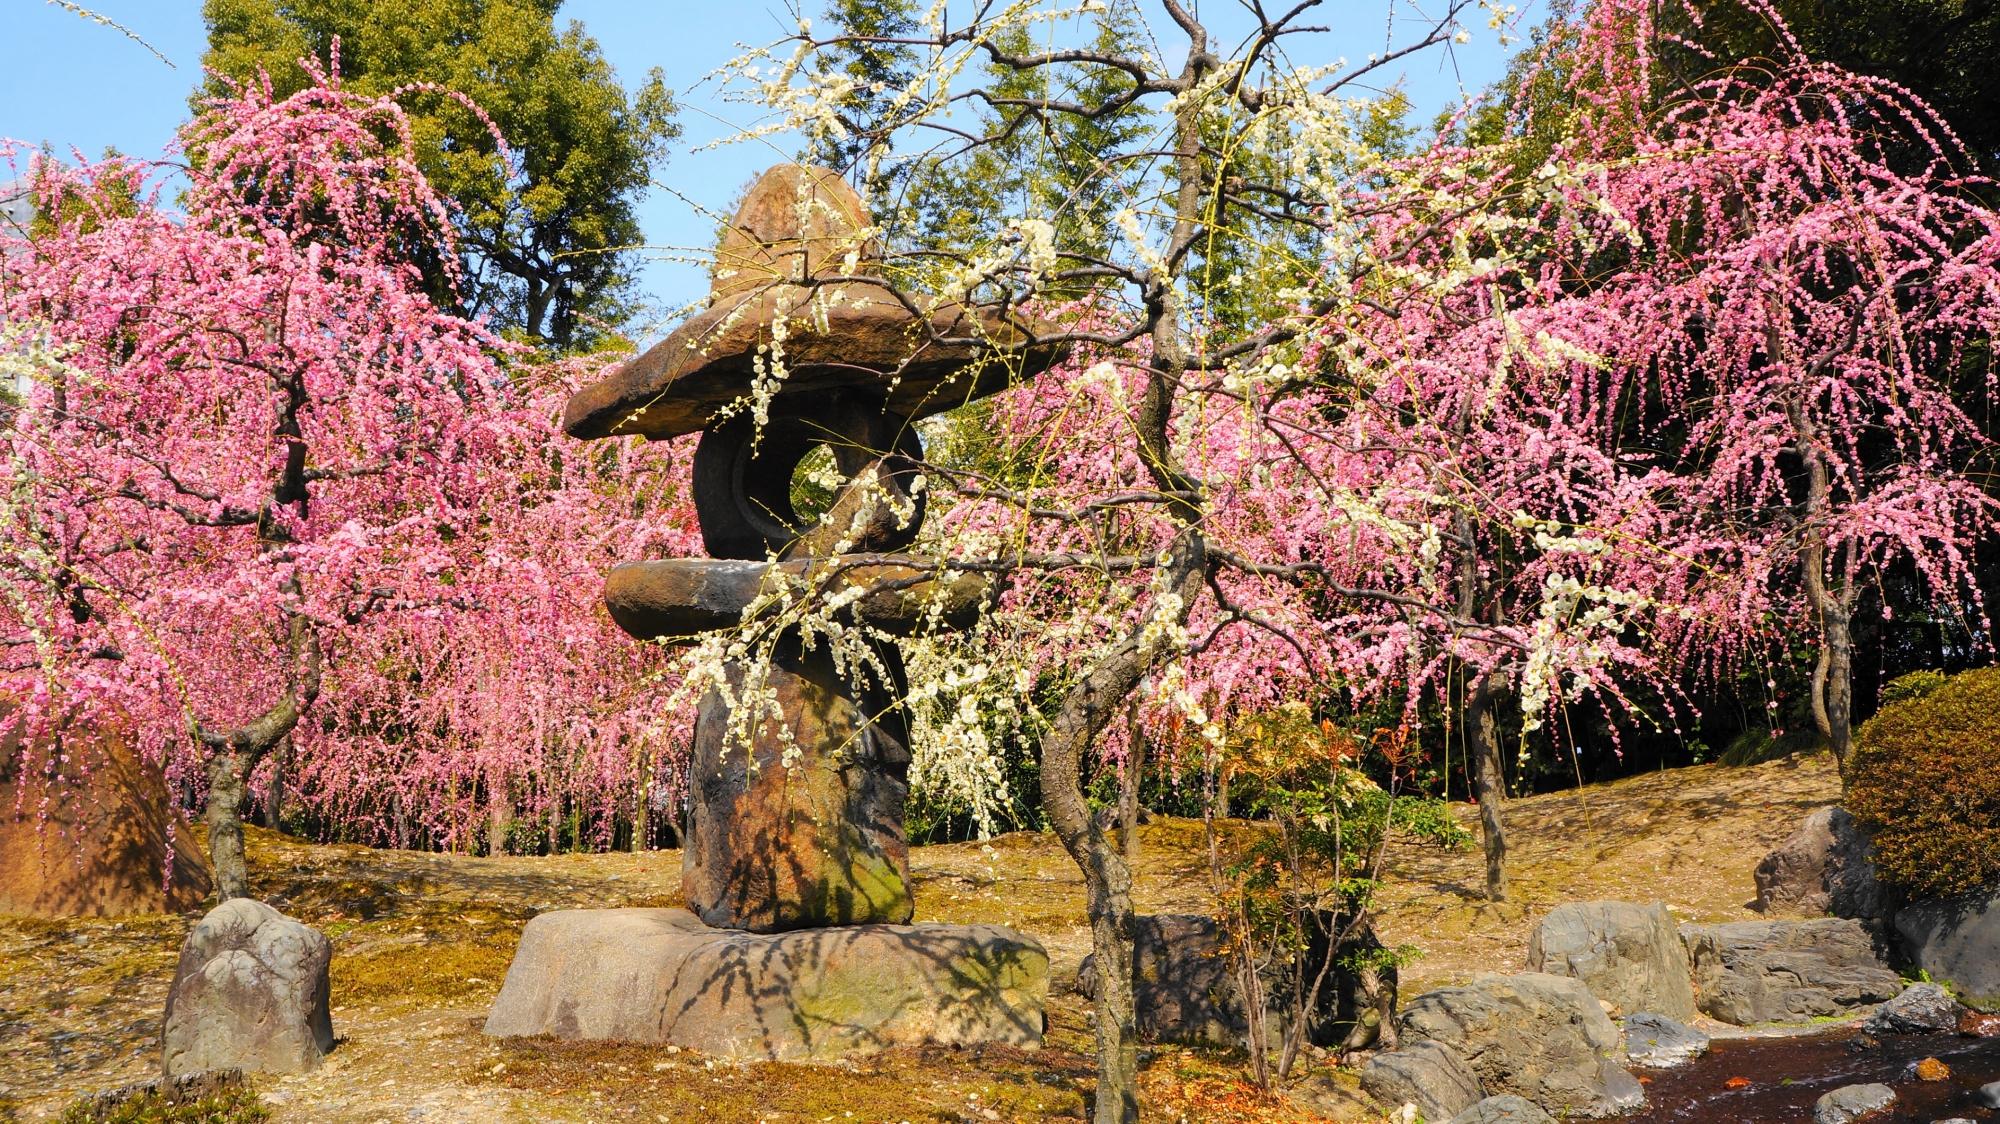 「春の山」と呼ばれる神苑「楽水苑」のしだれ梅の名所